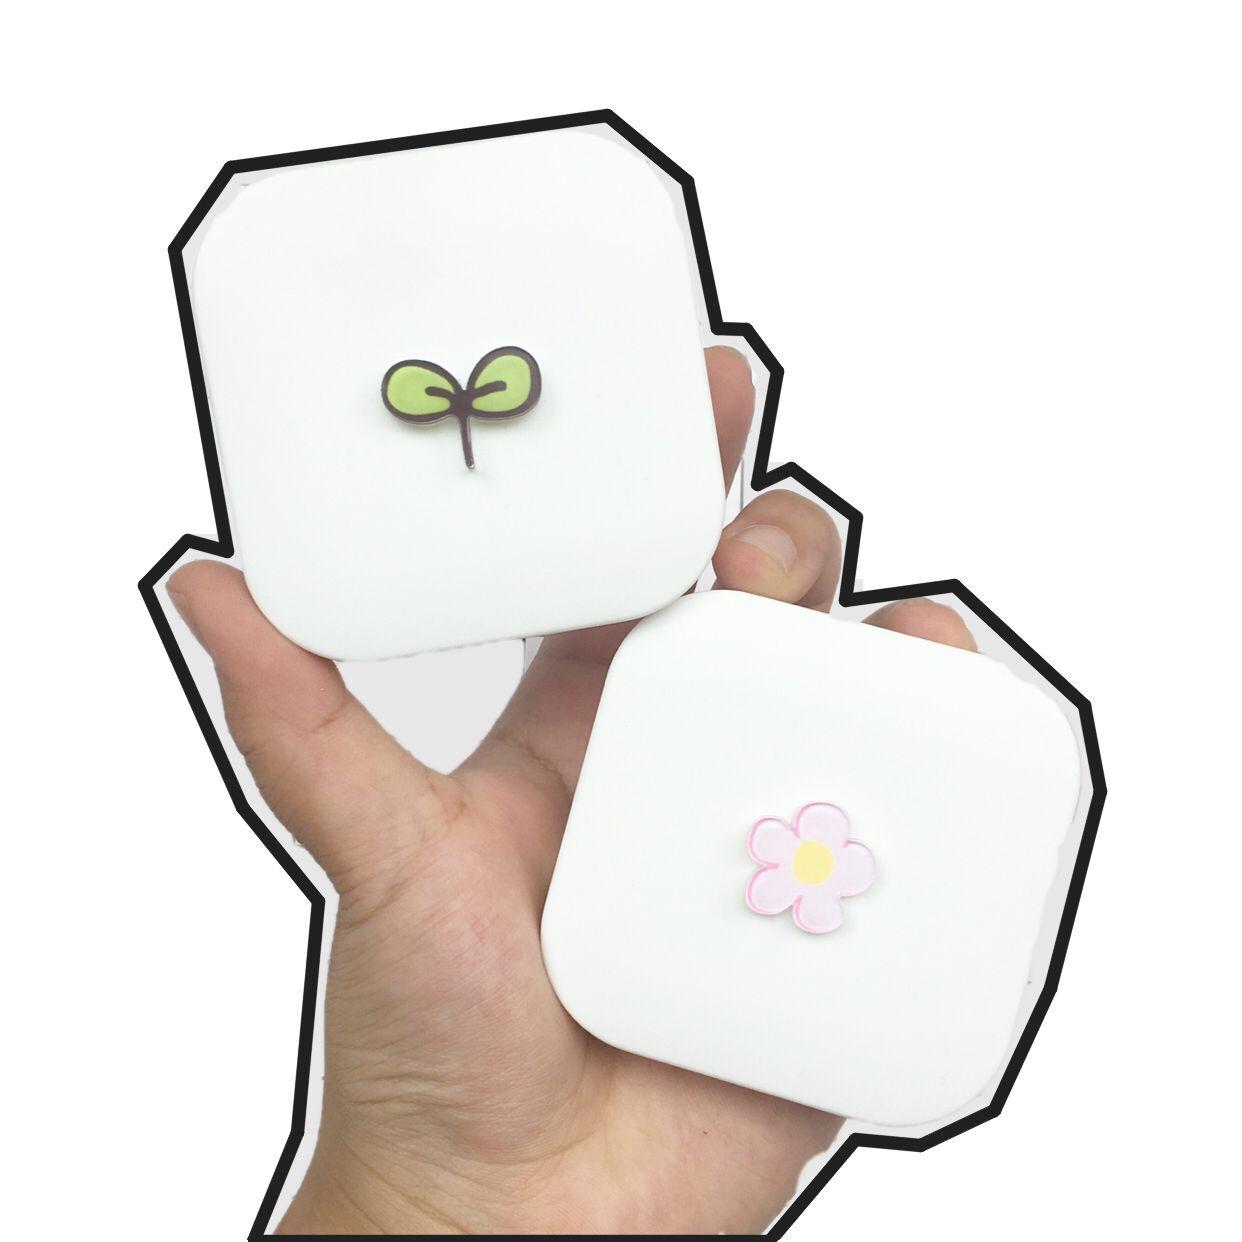 卡通可爱小清新美瞳盒近视隐形眼镜伴侣盒护理盒双联盒便携包邮